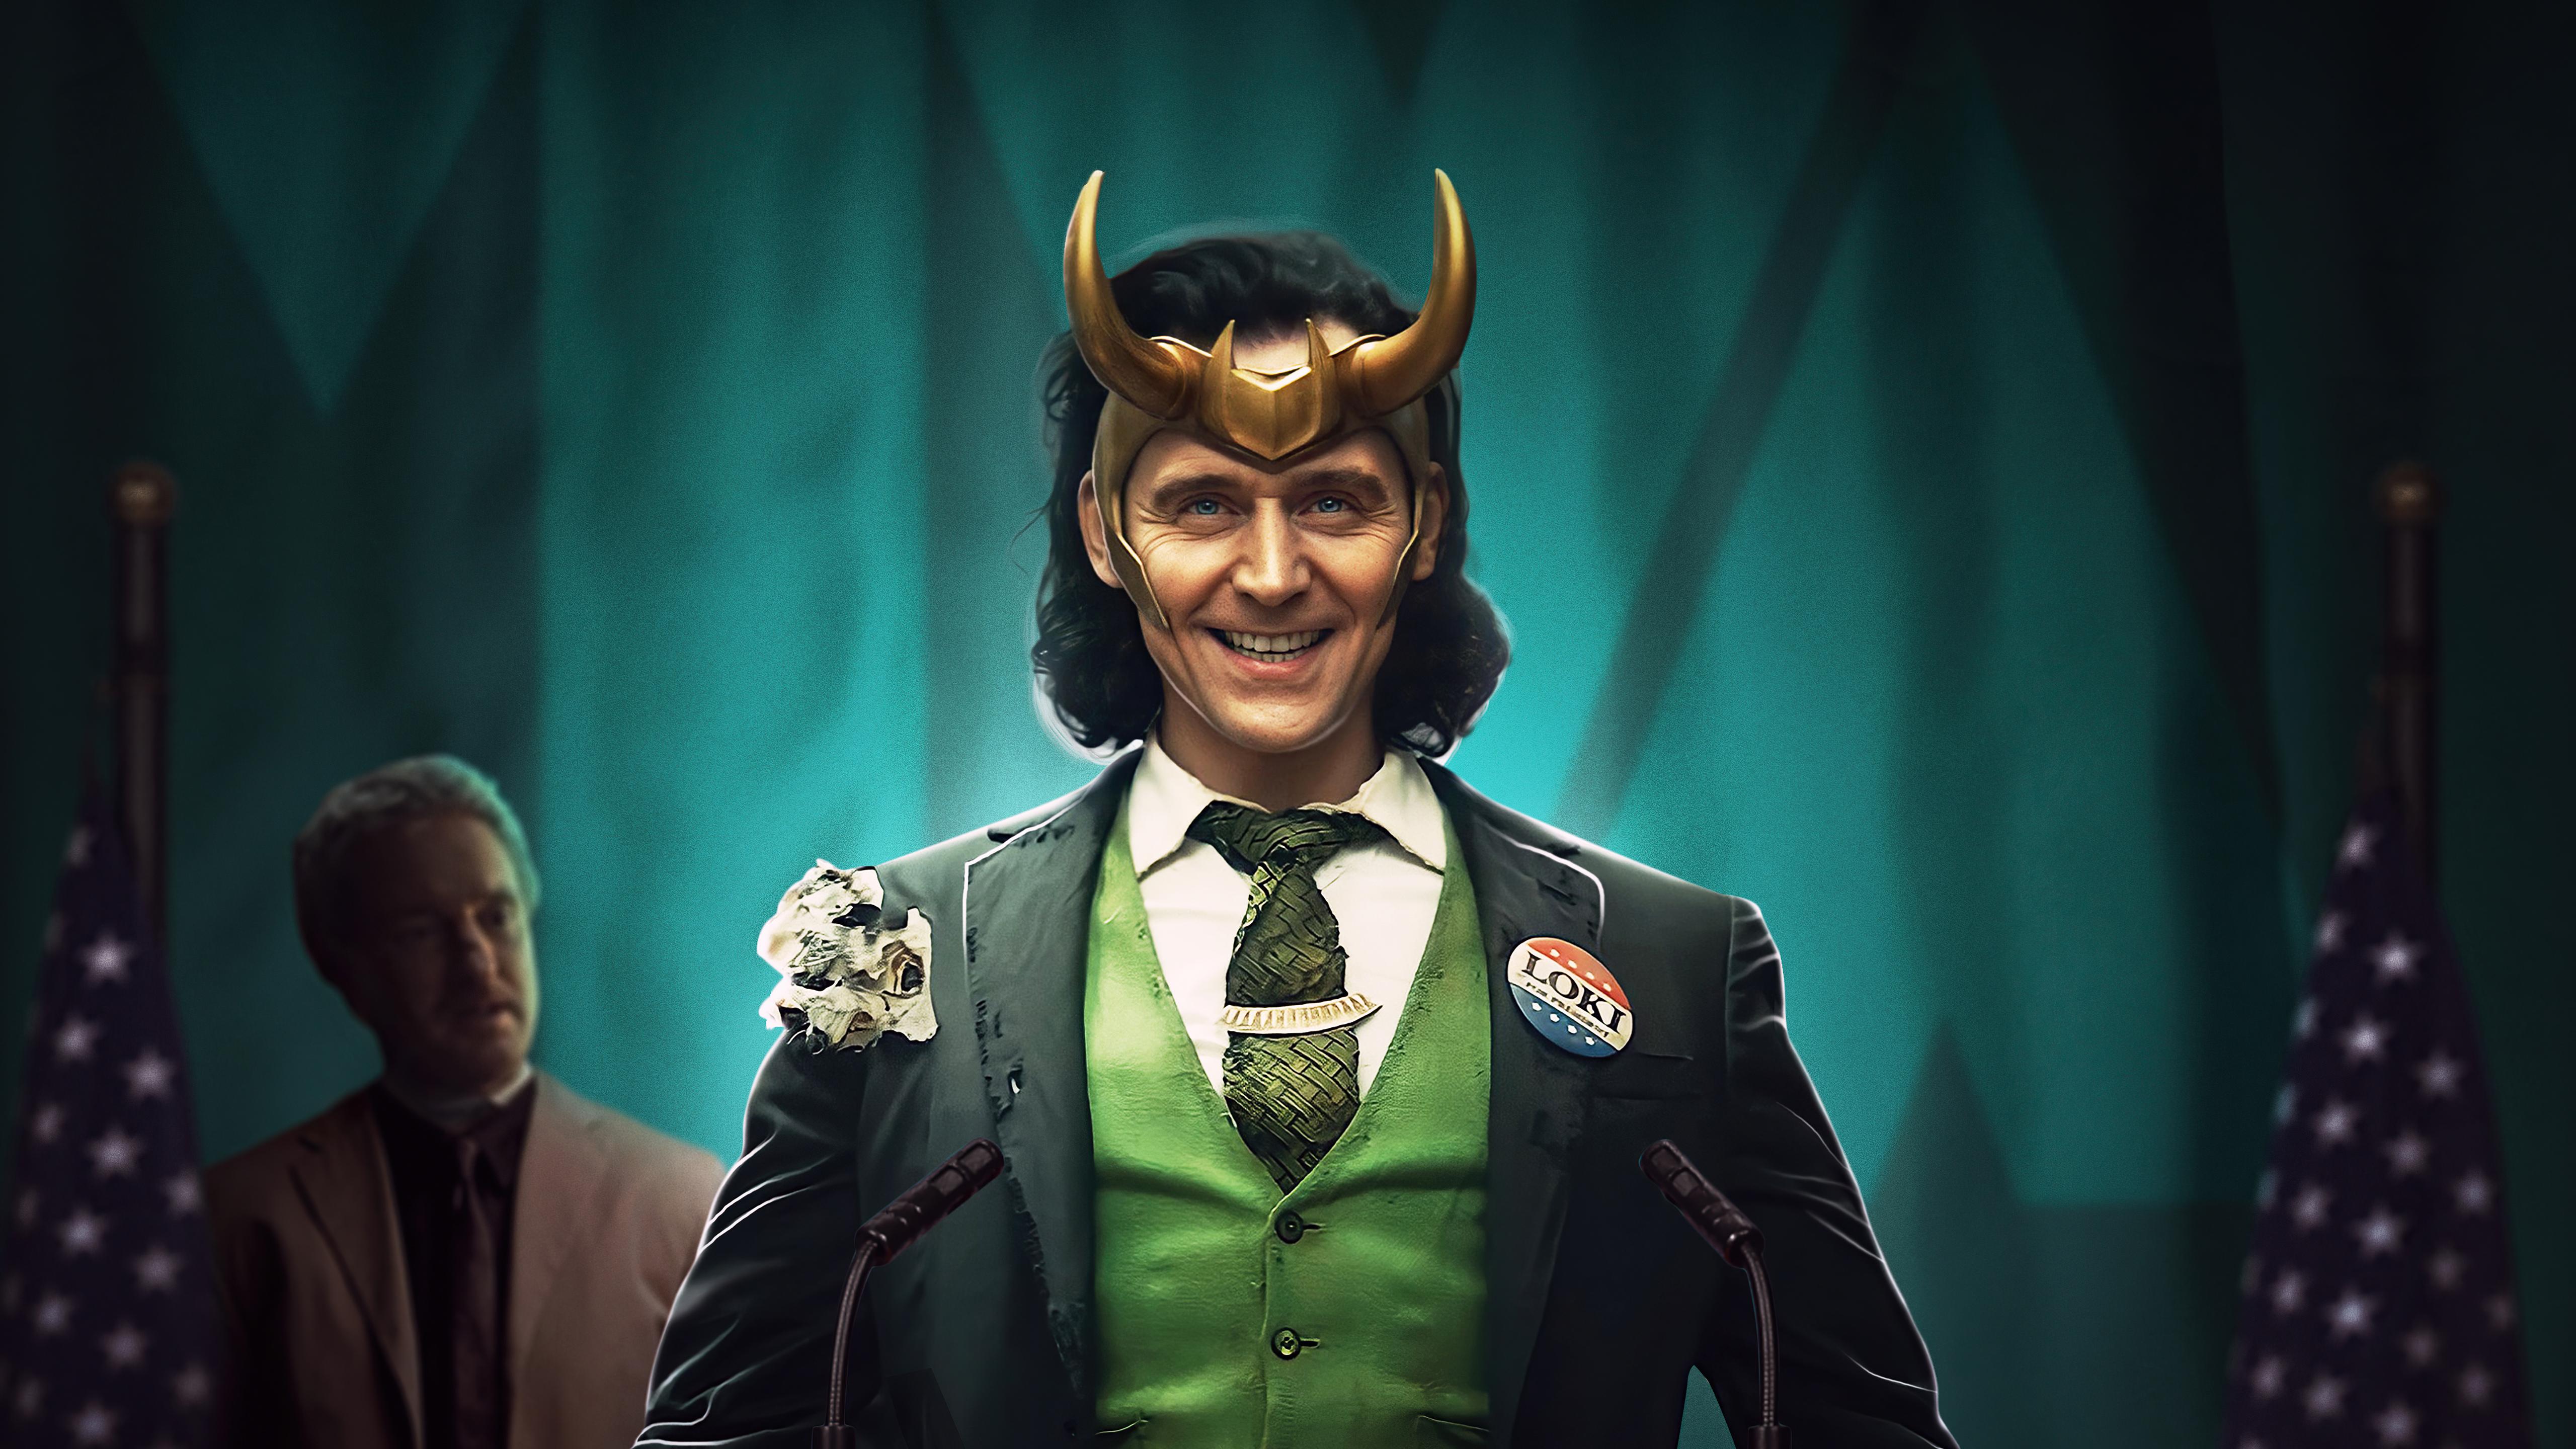 Fondos de pantalla Vota por Loki